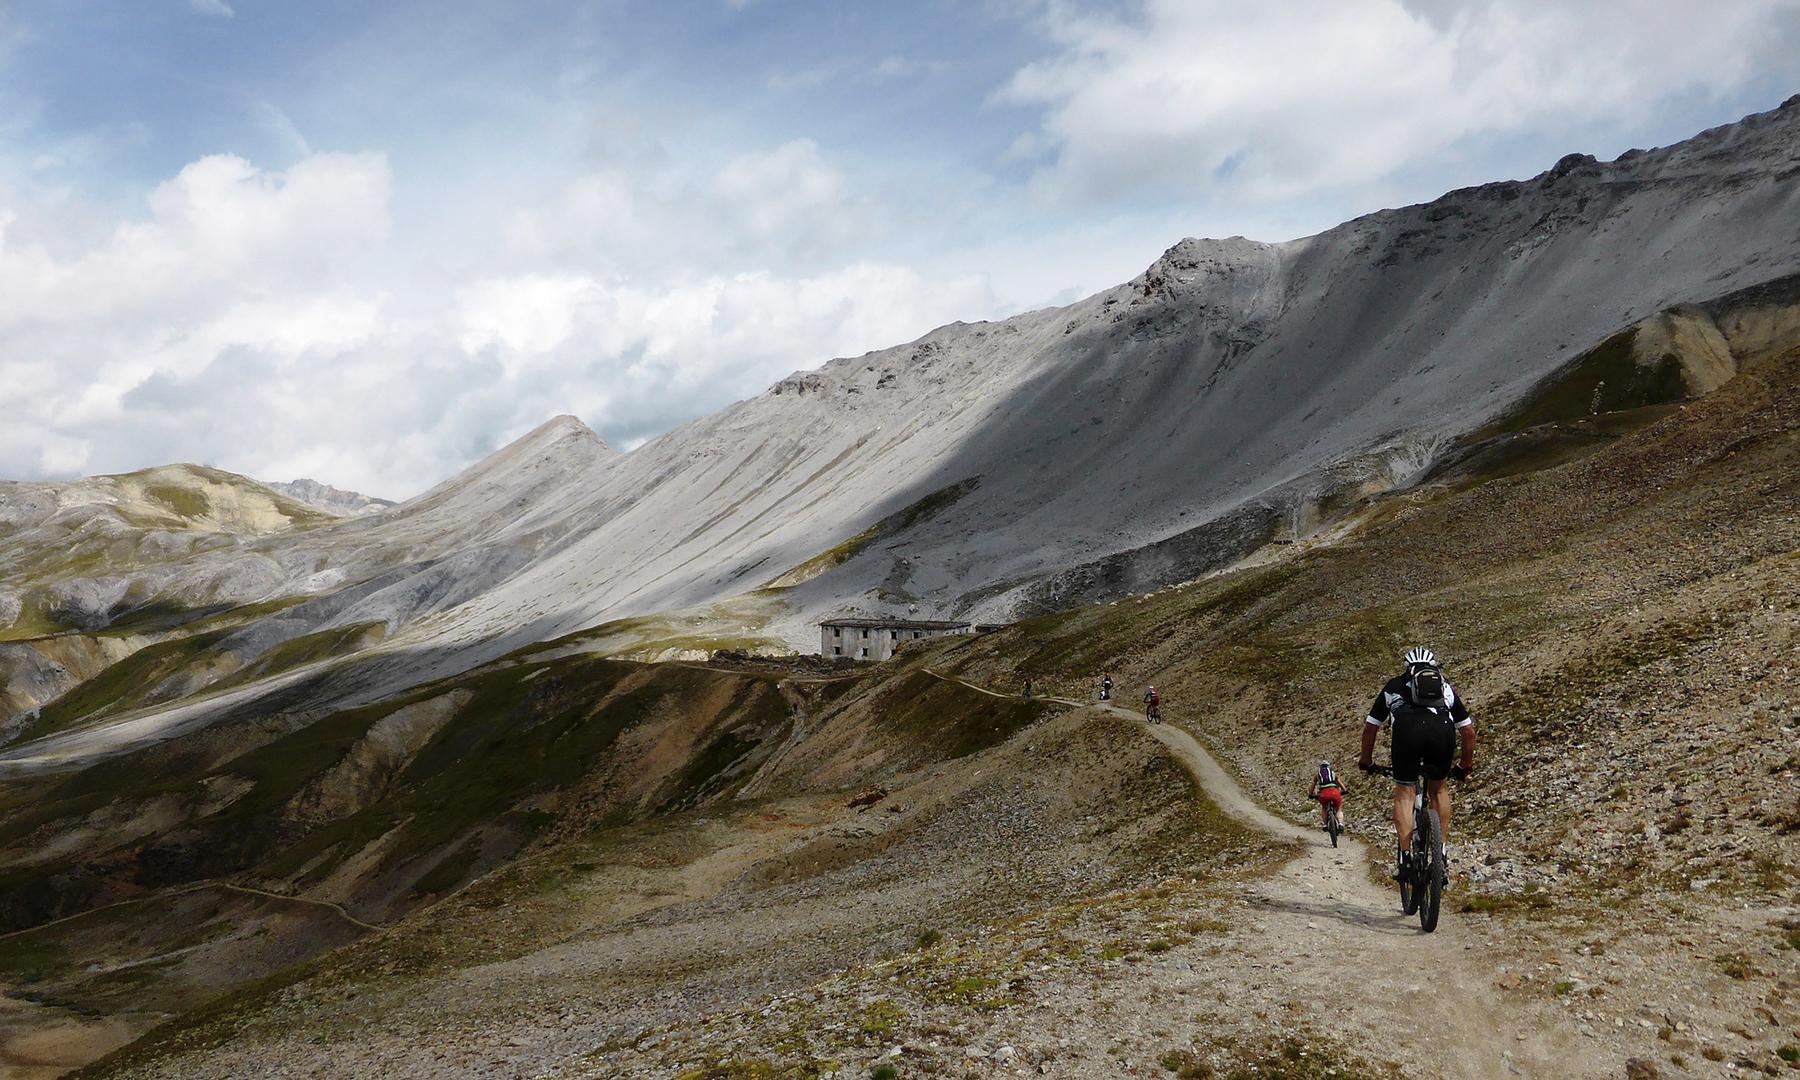 Turismo & Outdoor Festival: turismo attivo e itinerari cicloturistici